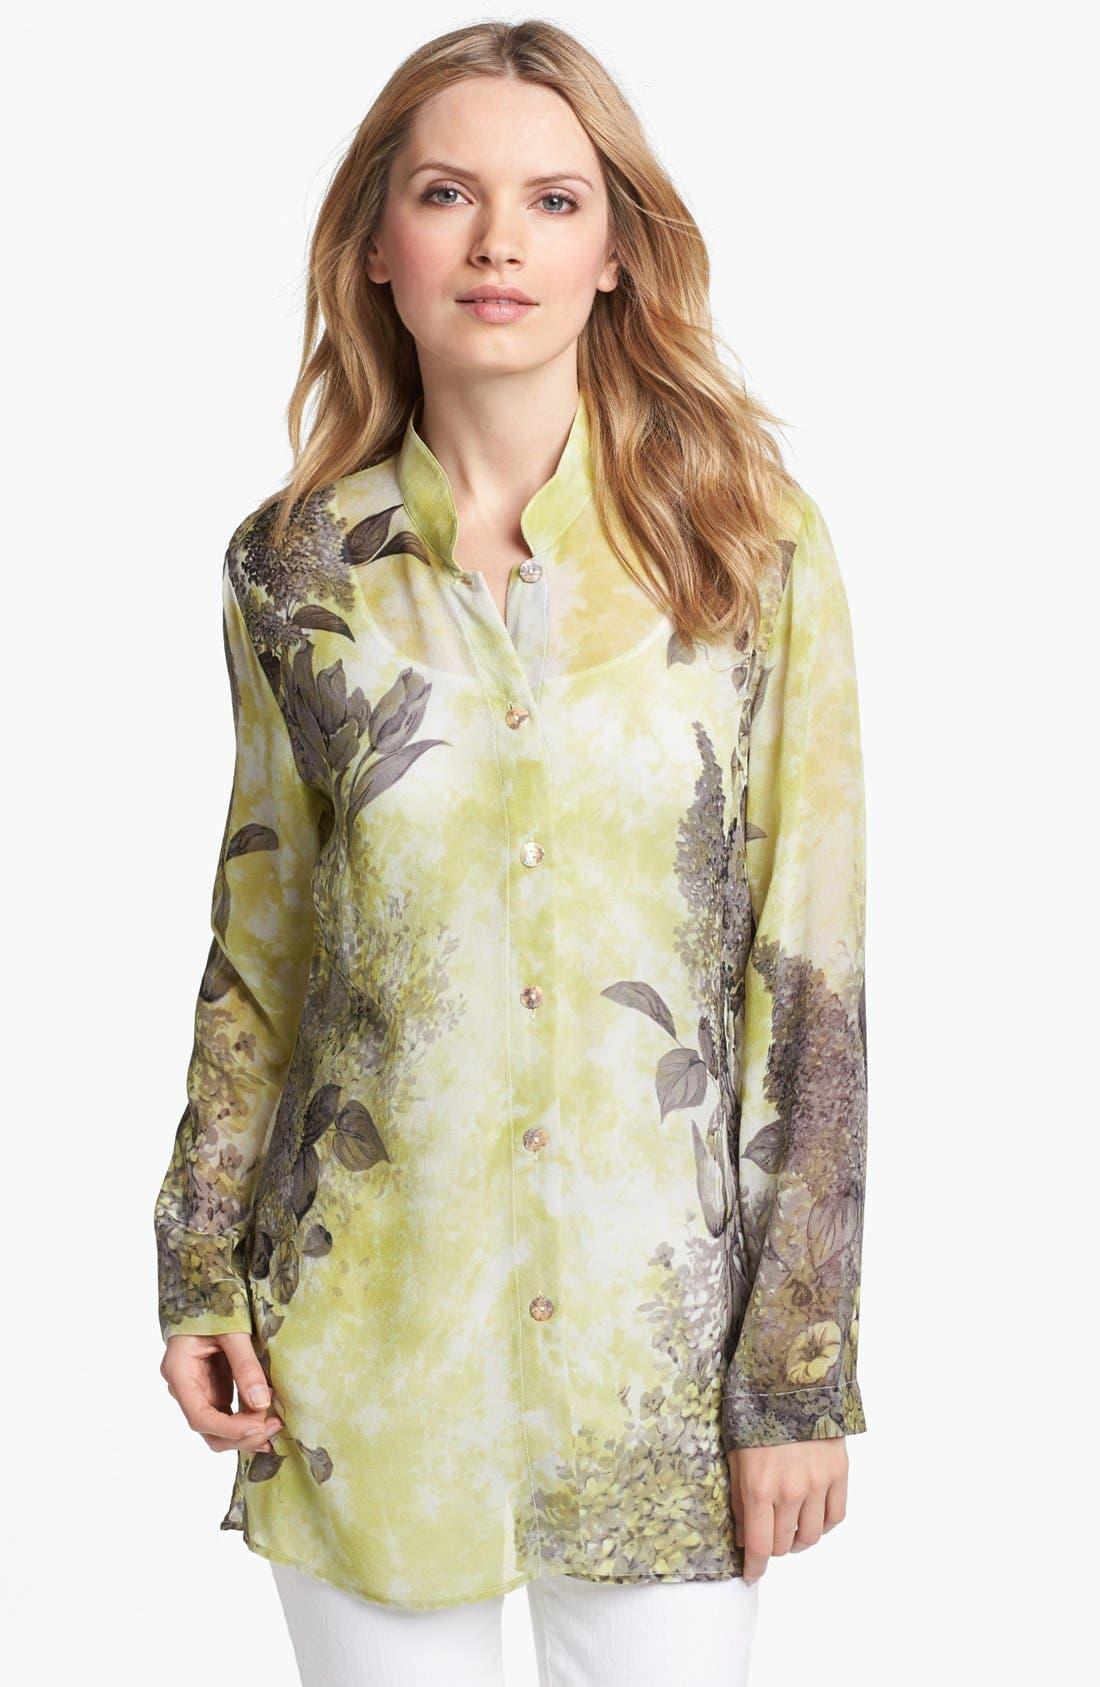 Main Image - Citron Mandarin Collar Silk Blouse with Tank